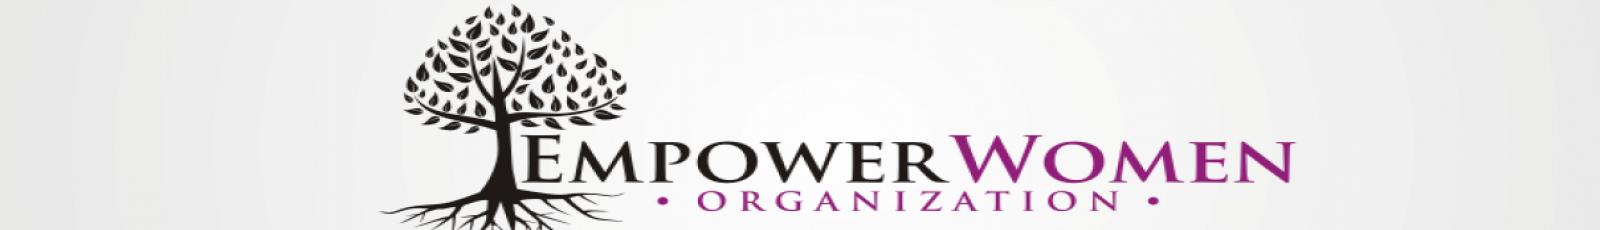 Empower Women Organization (EMPWO)